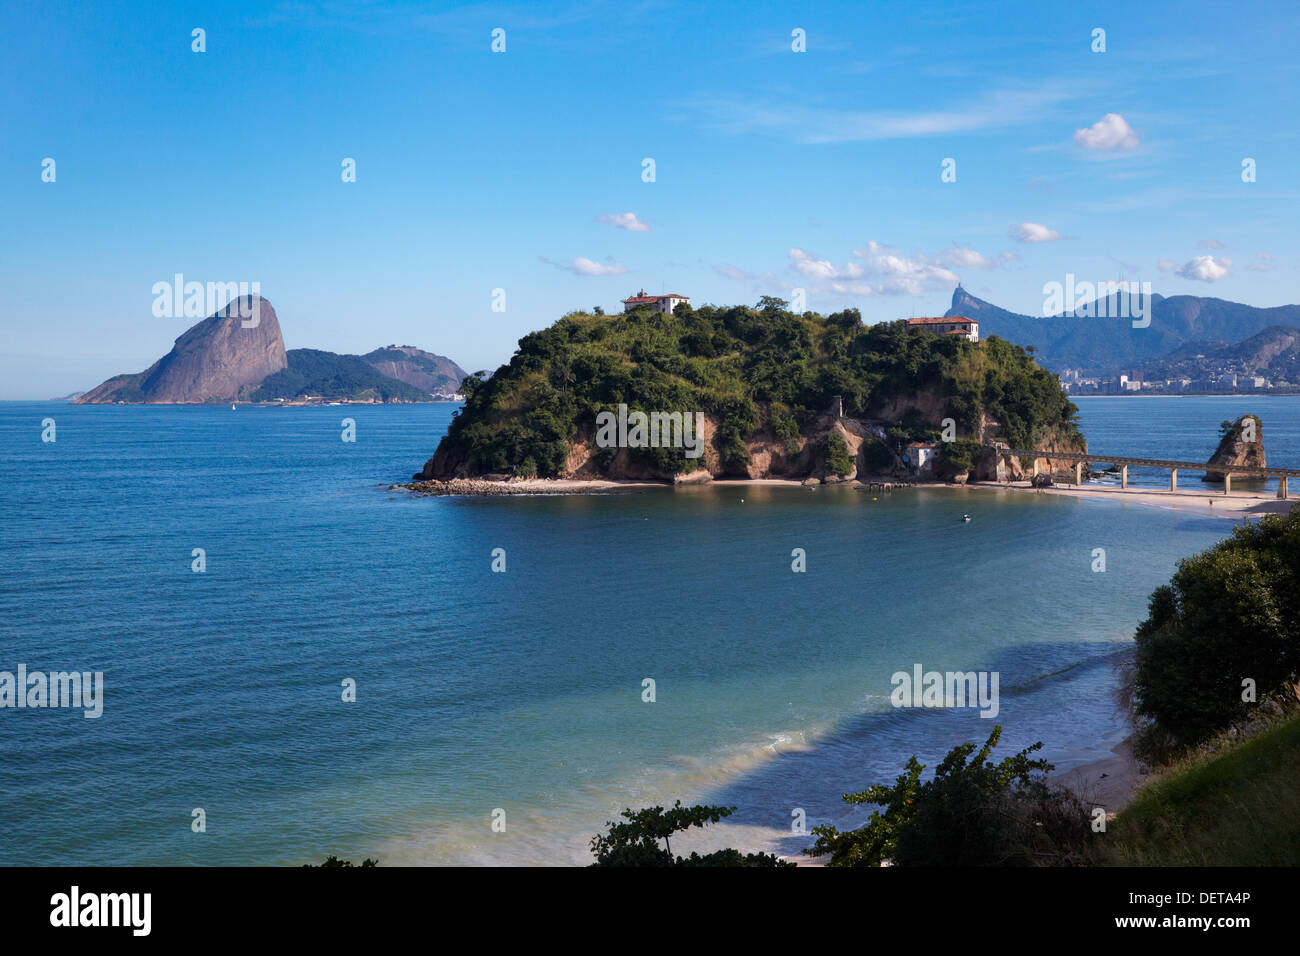 Ilha da Boa Viagem, Niteroi, Brasile, Sud America Immagini Stock